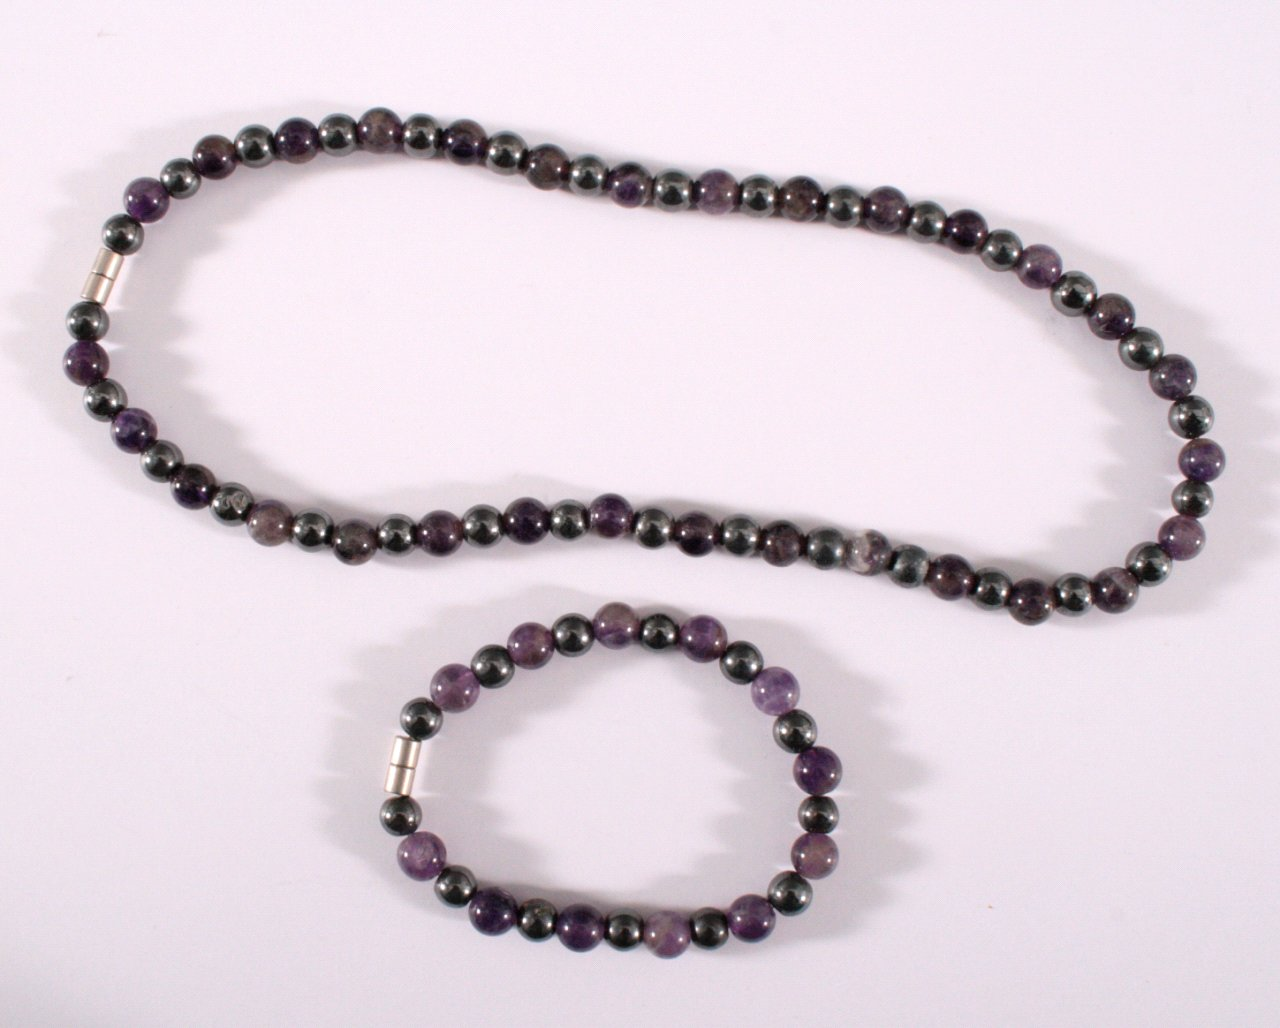 Achat Halskette und Armband-1